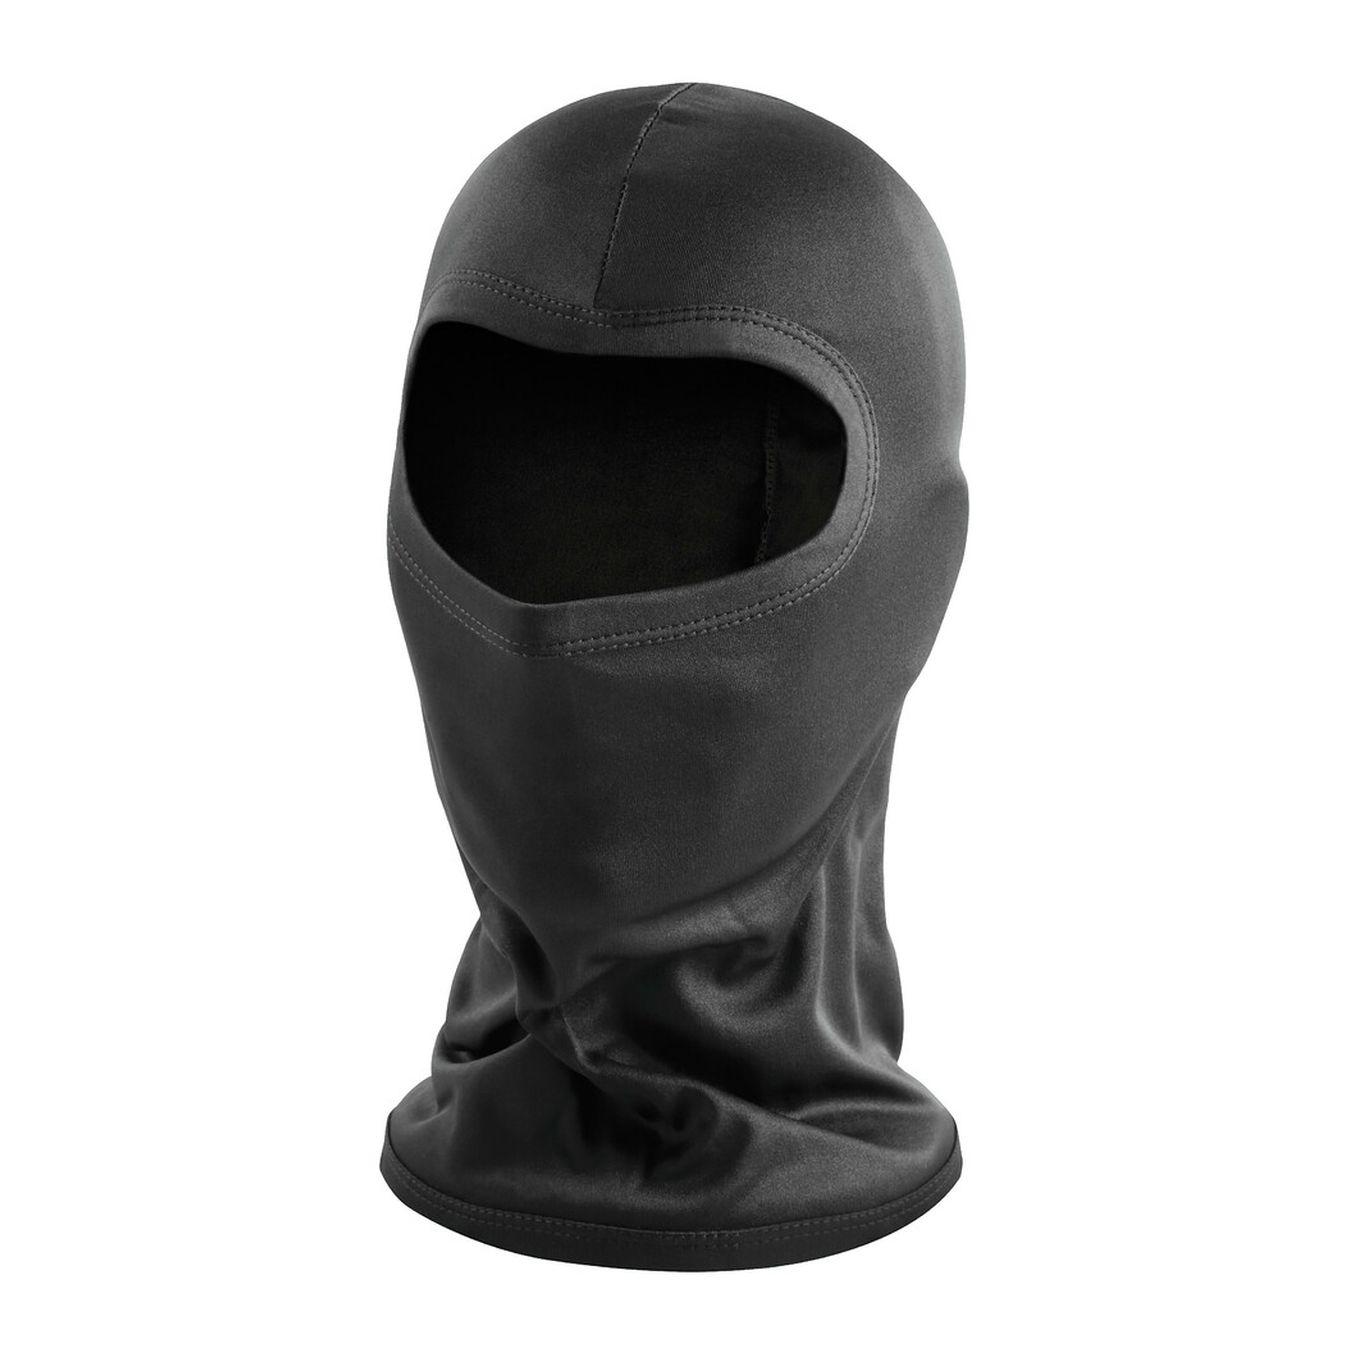 LAMPA PASSAMONTAGNA cuffia sottocasco in seta di poliestere MASK TOP casco moto